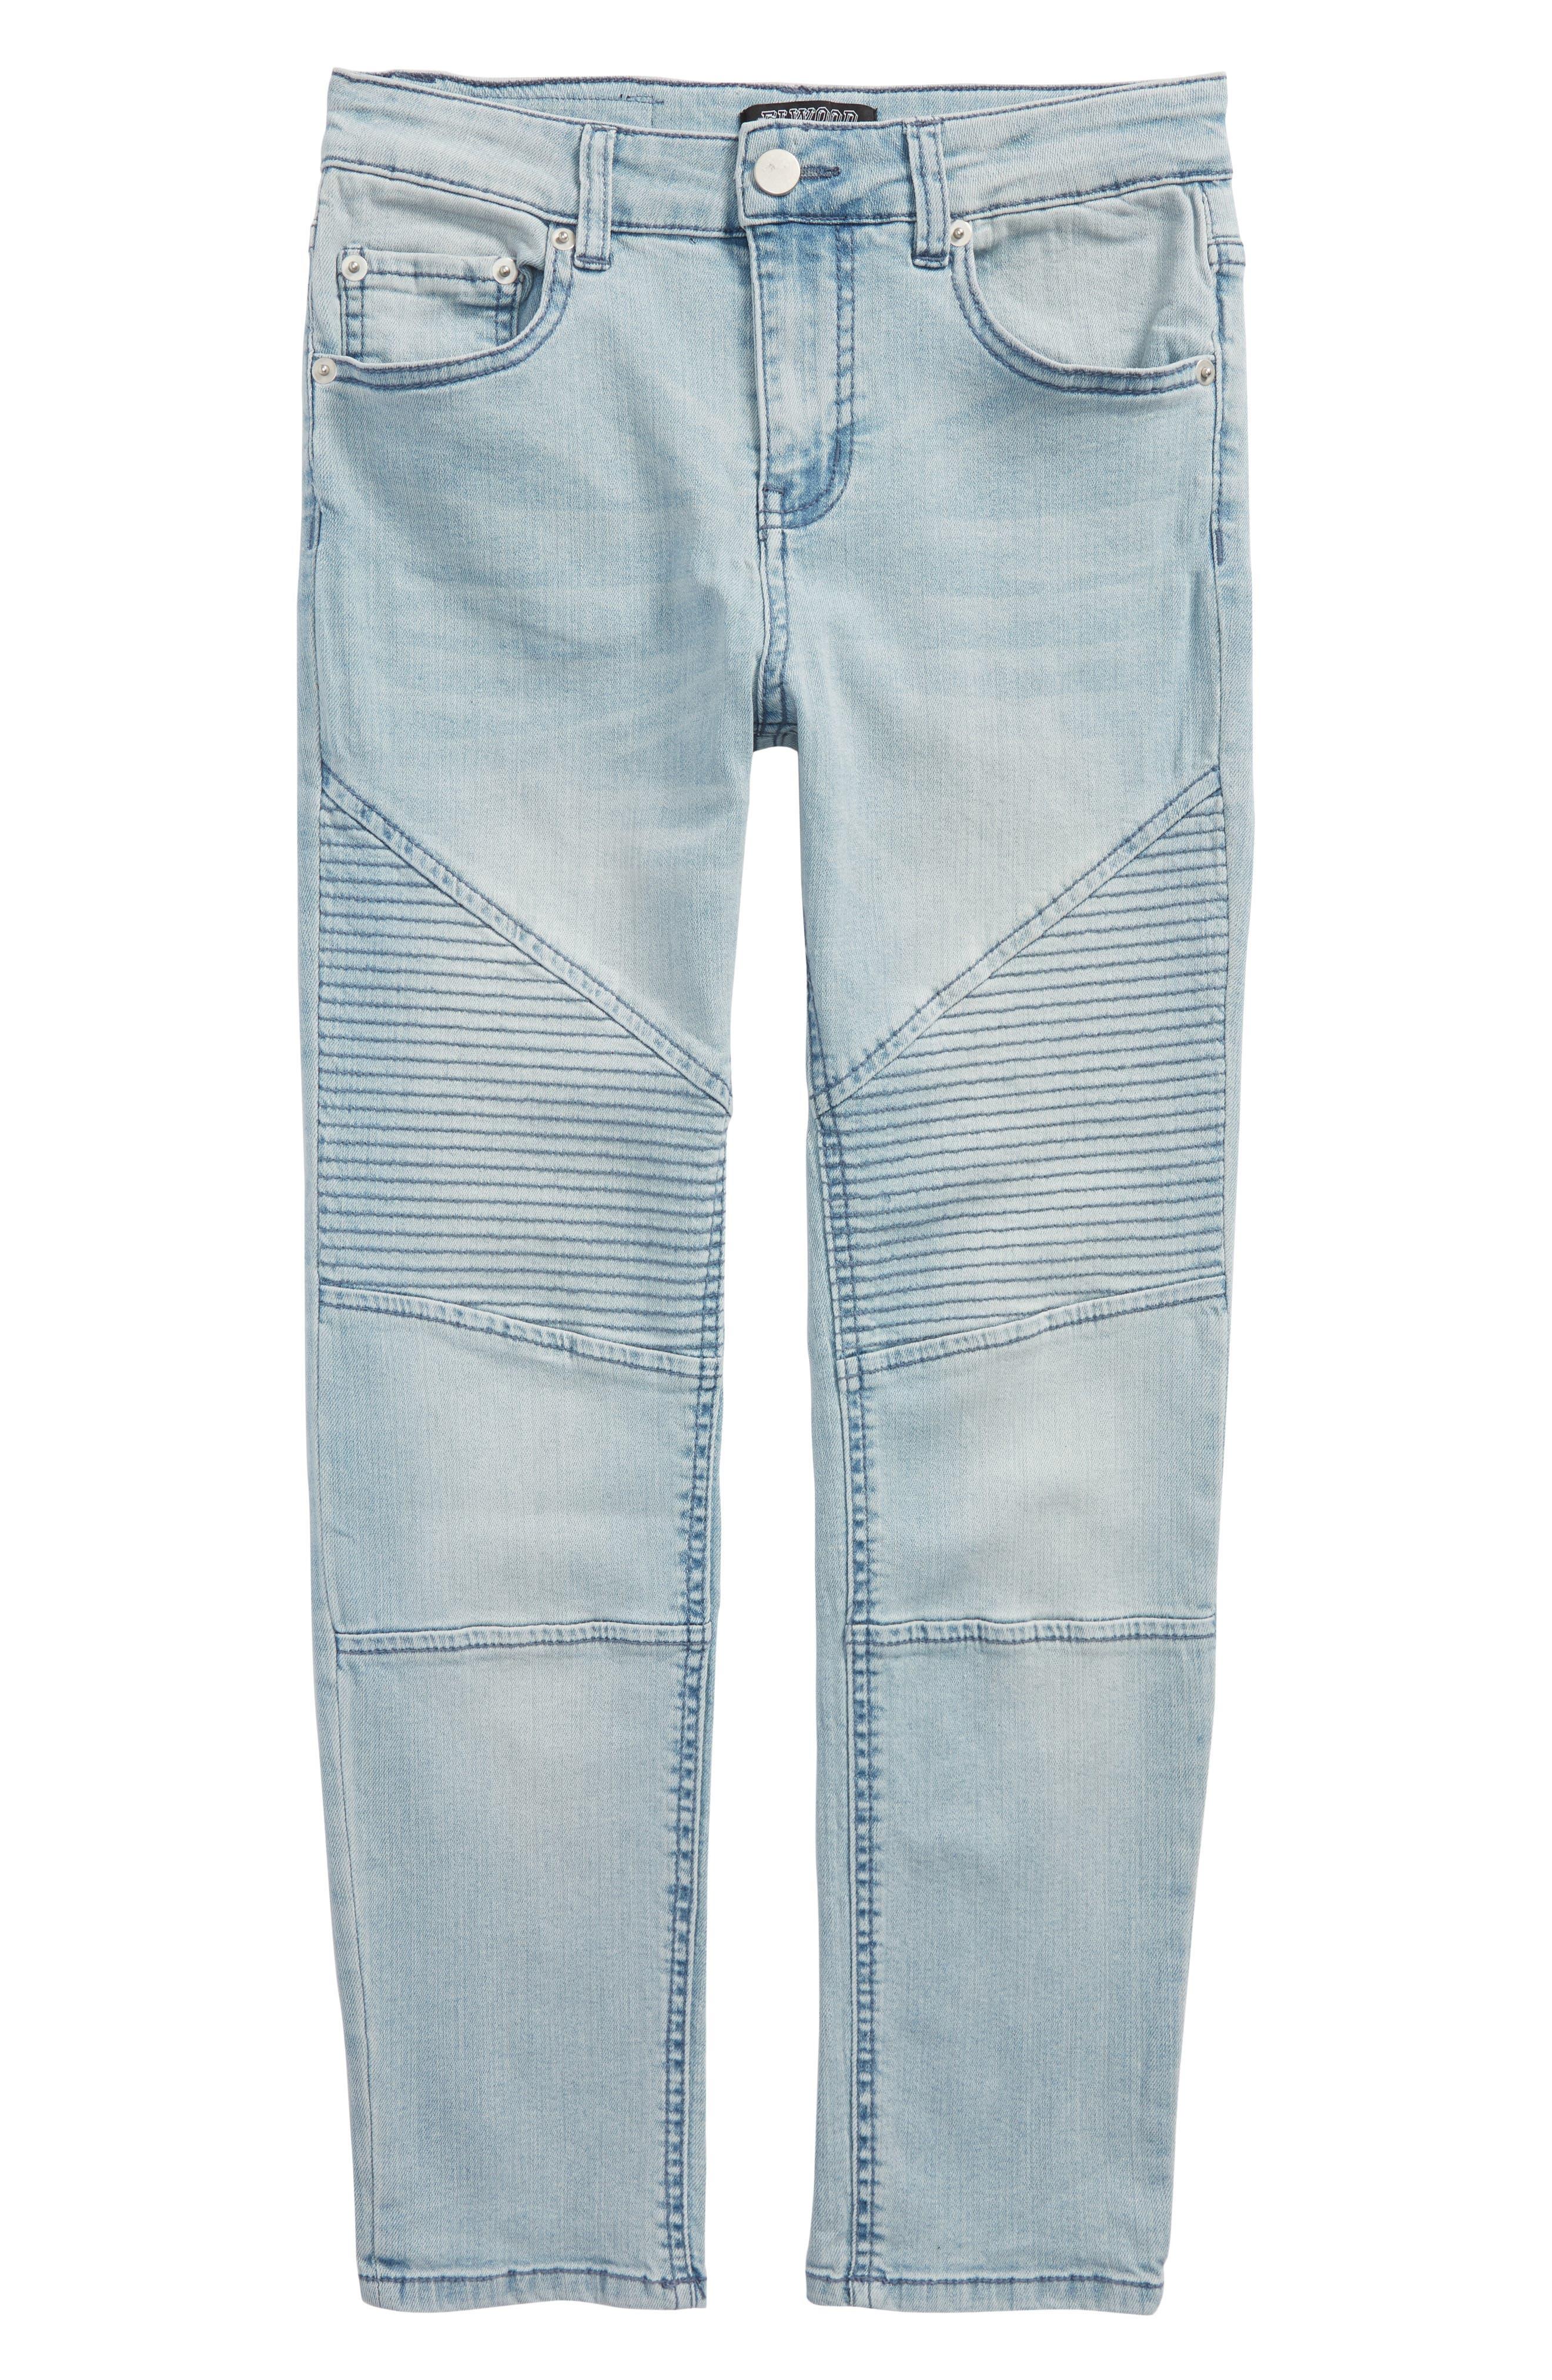 Elwood Straight Leg Moto Jeans (Big Boys)